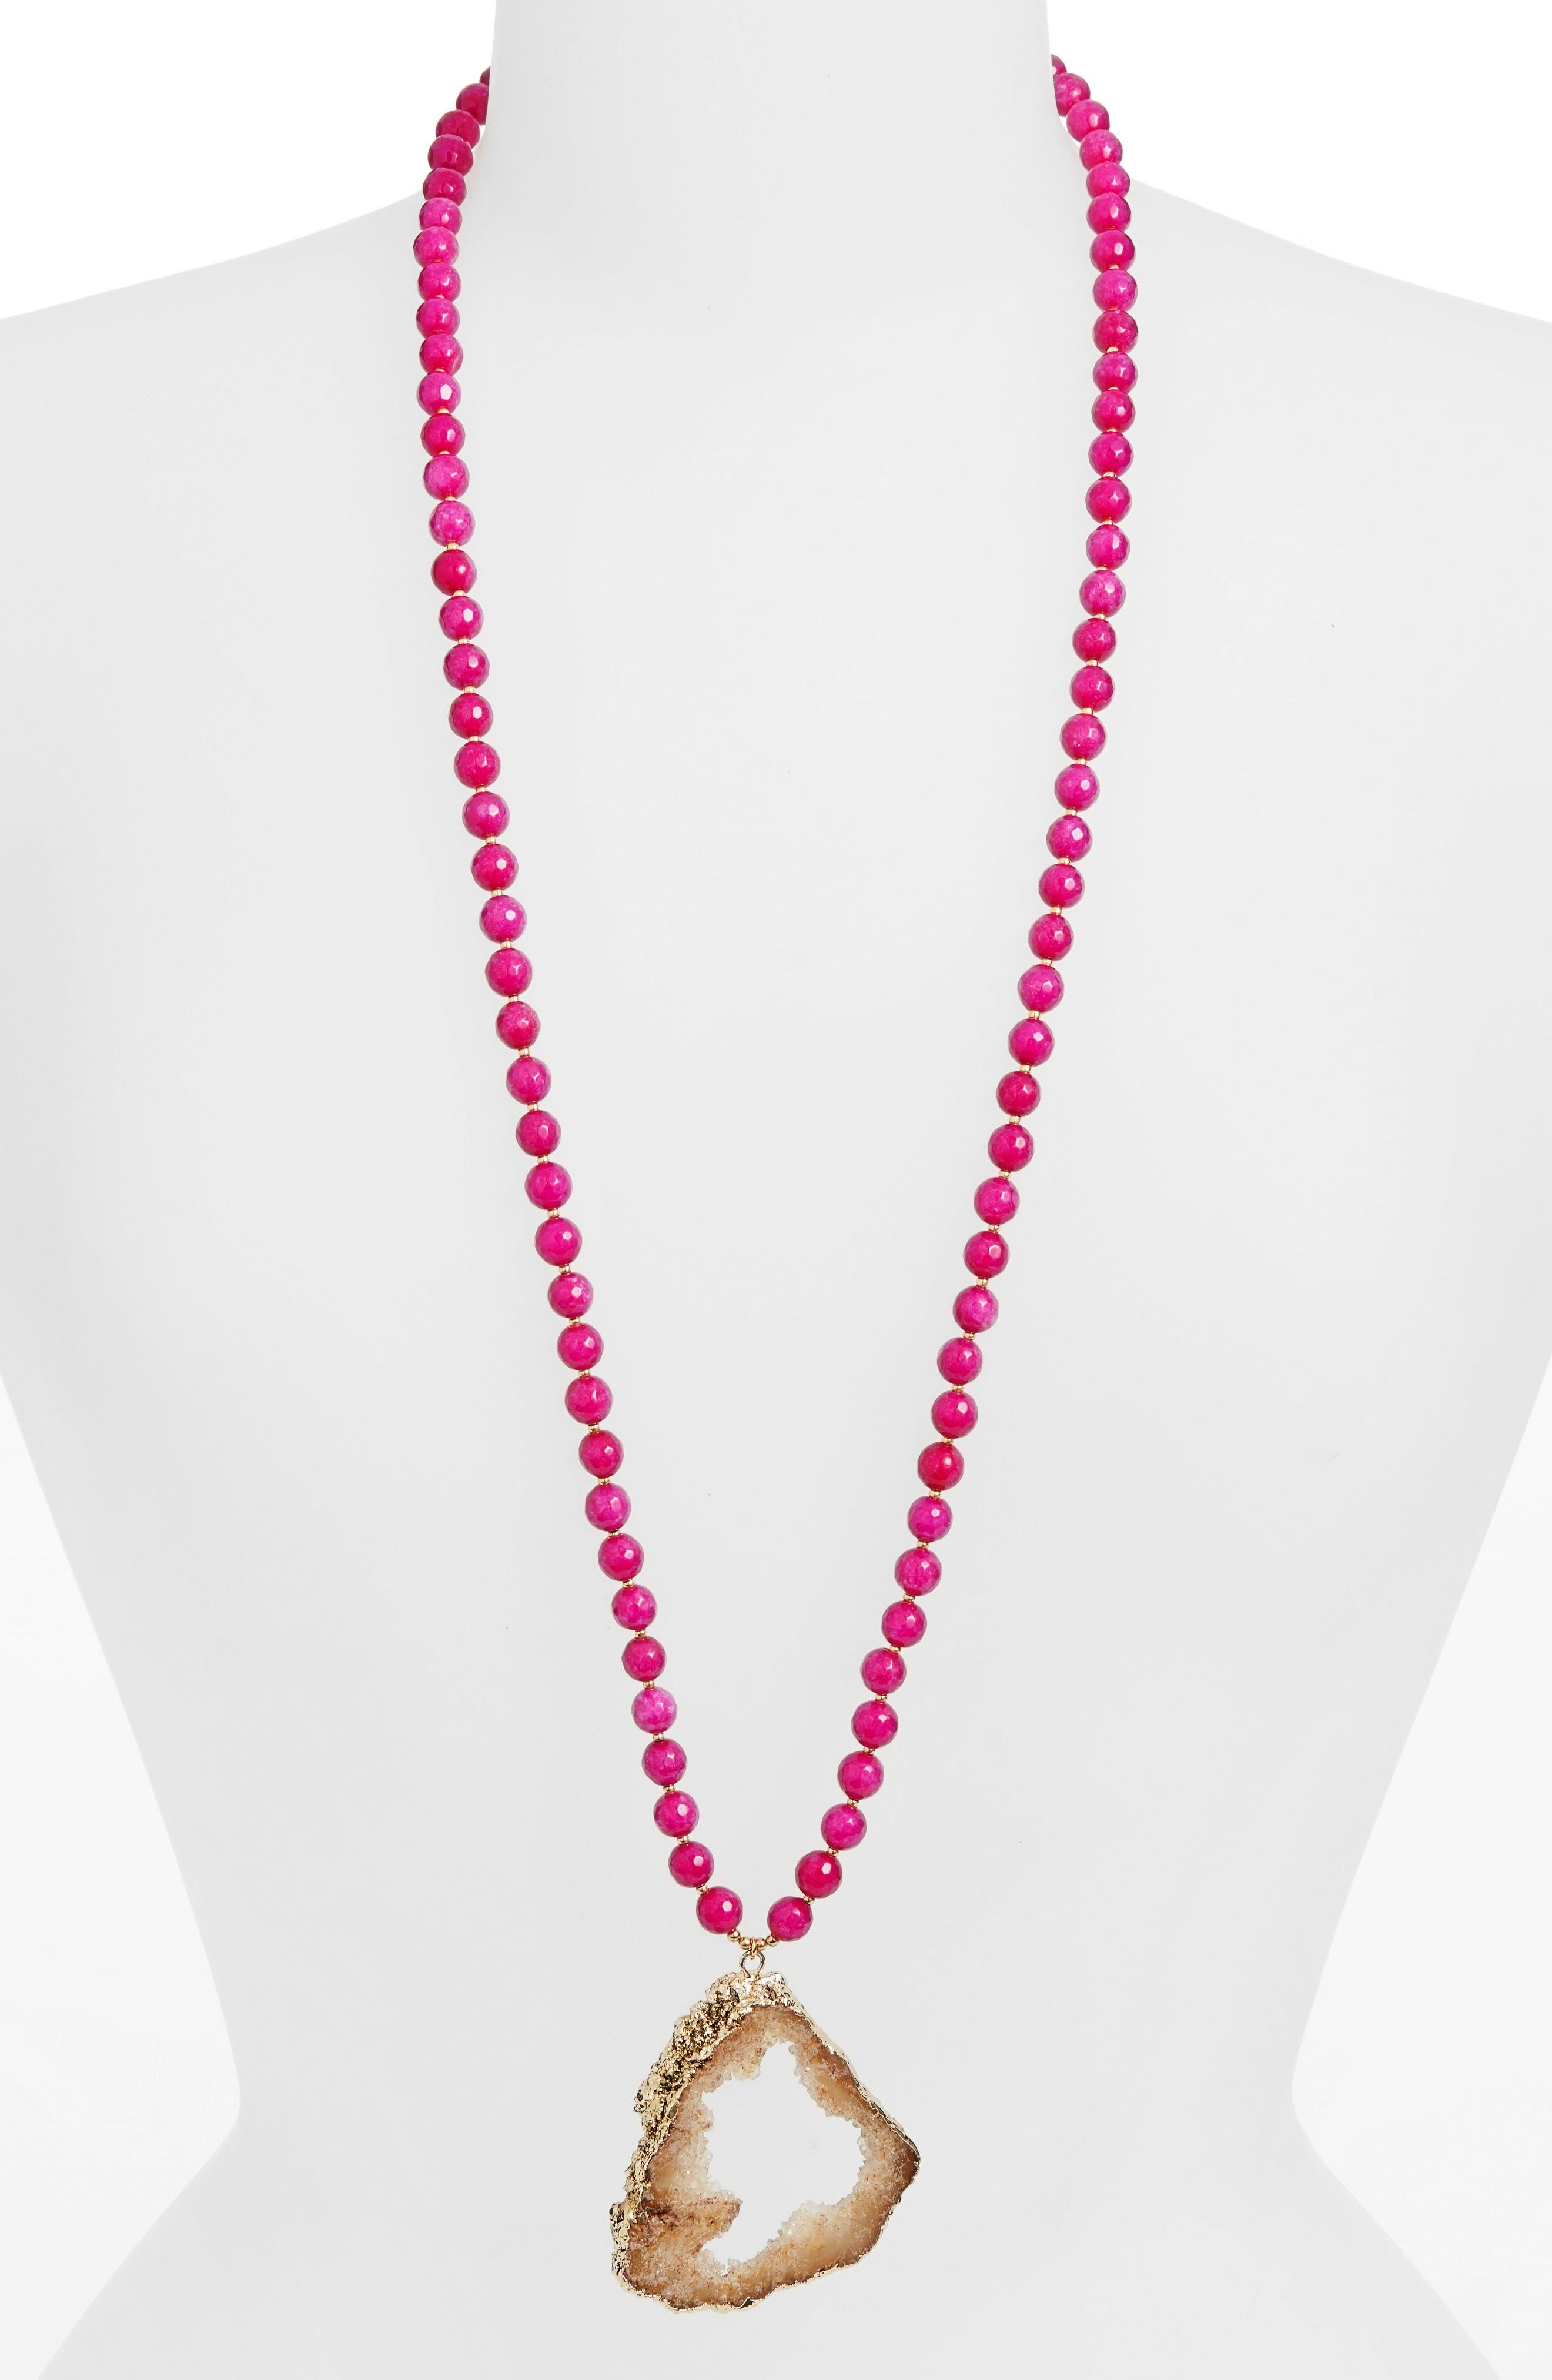 Love's Affect Pendant Necklace